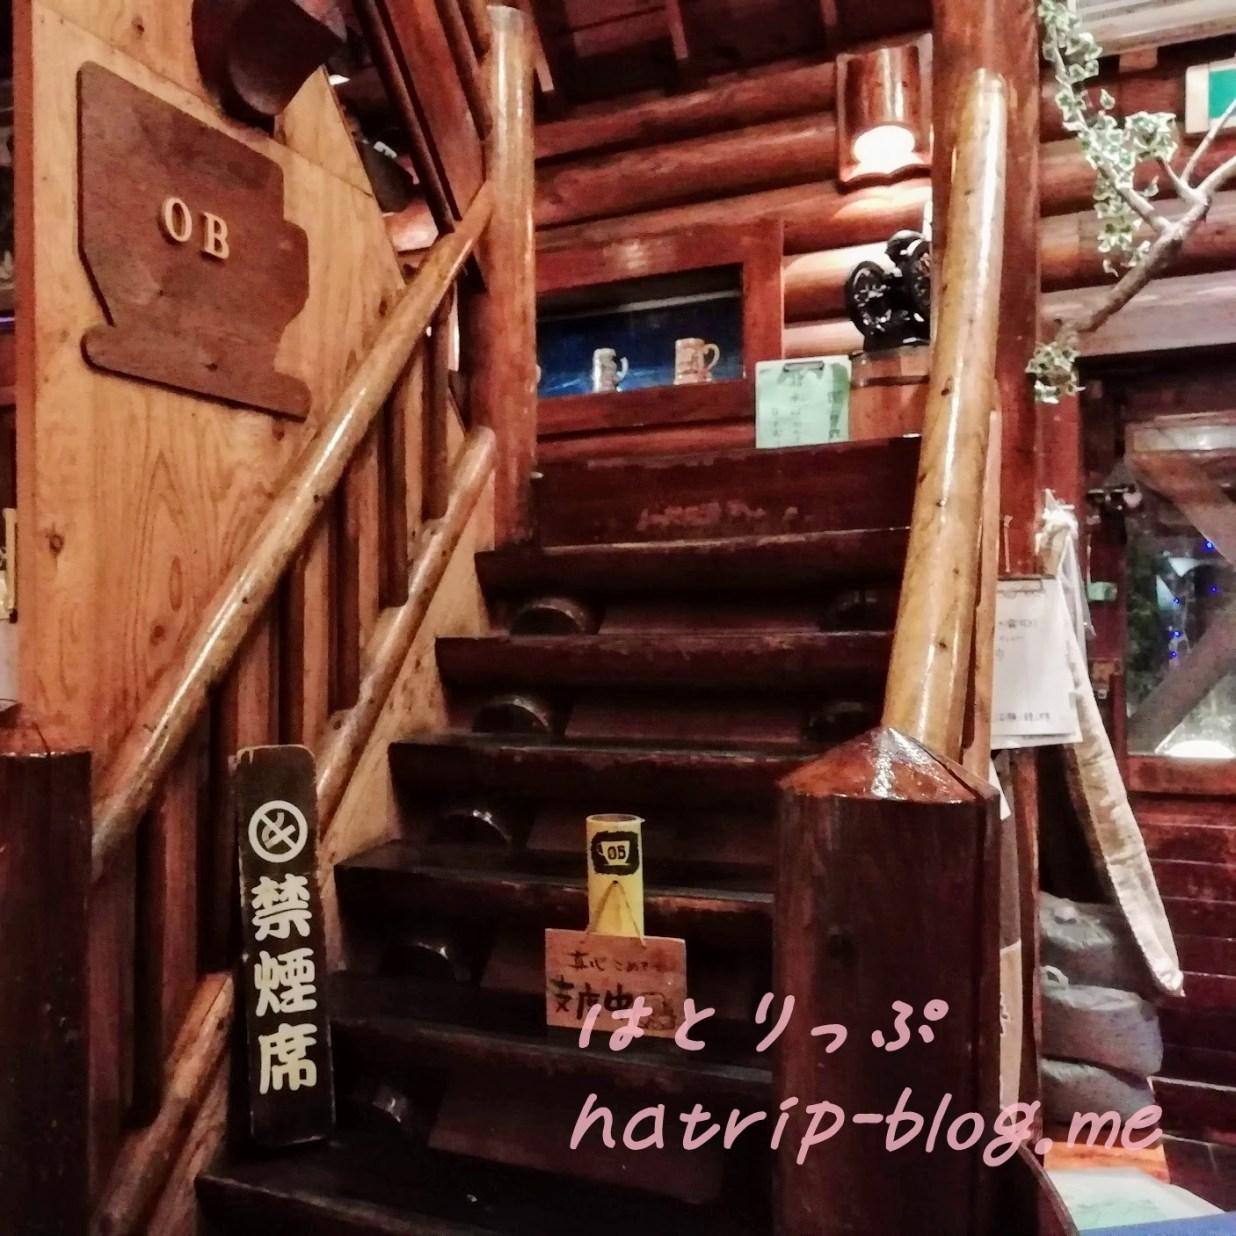 珈琲屋 OB オービー ログ八潮店 本店